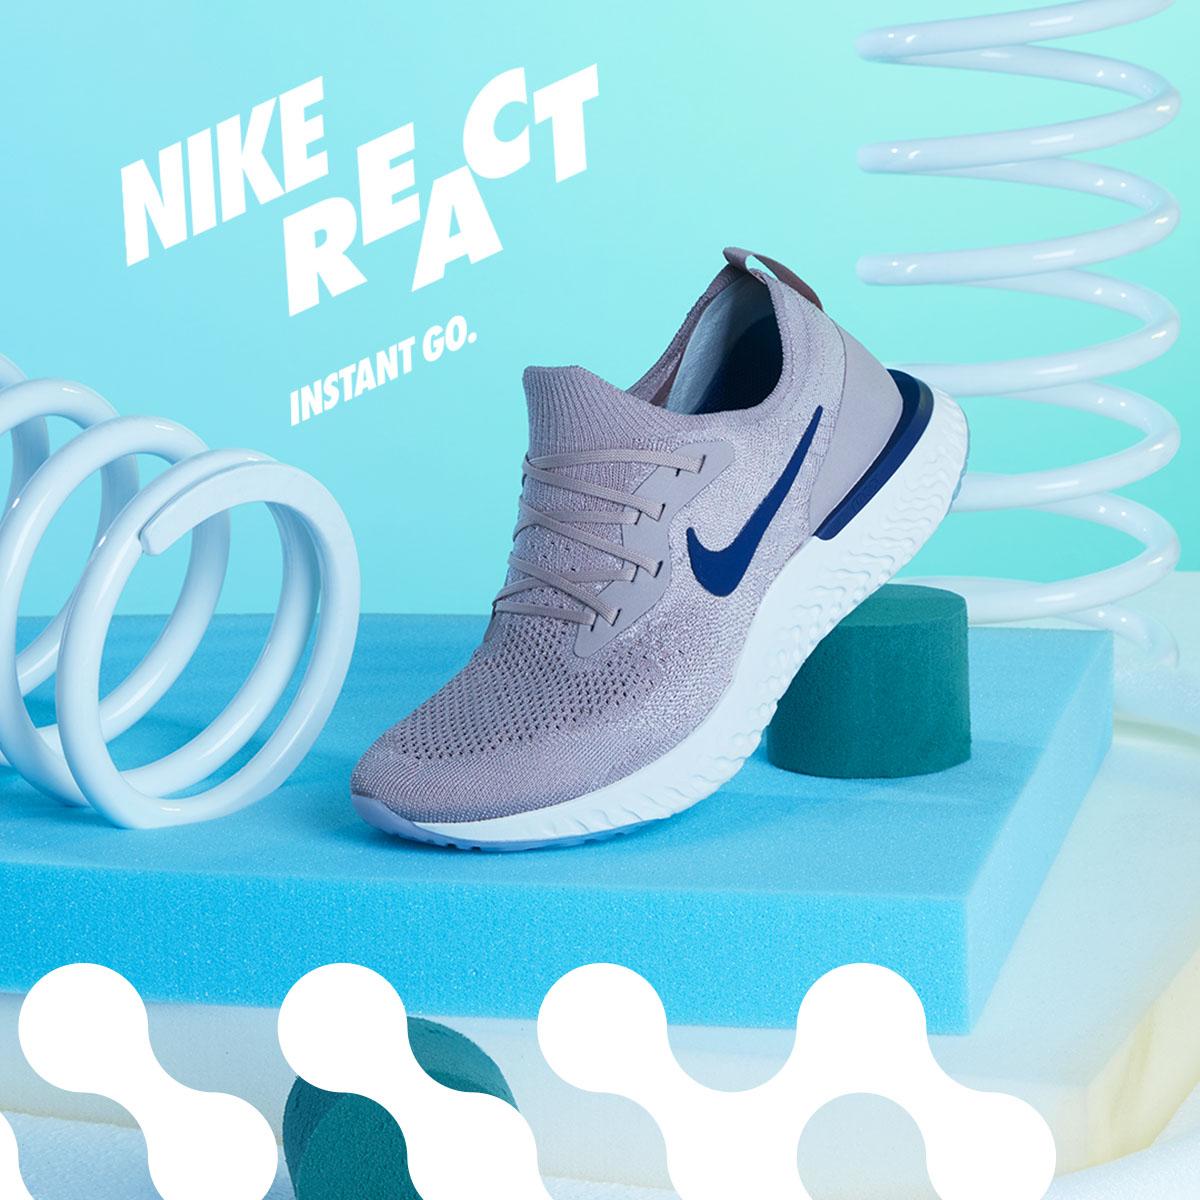 f3a6ec8d1e4a71 Nike Outlet Shopping Ochtum Park Bremen. jetzt klicken!